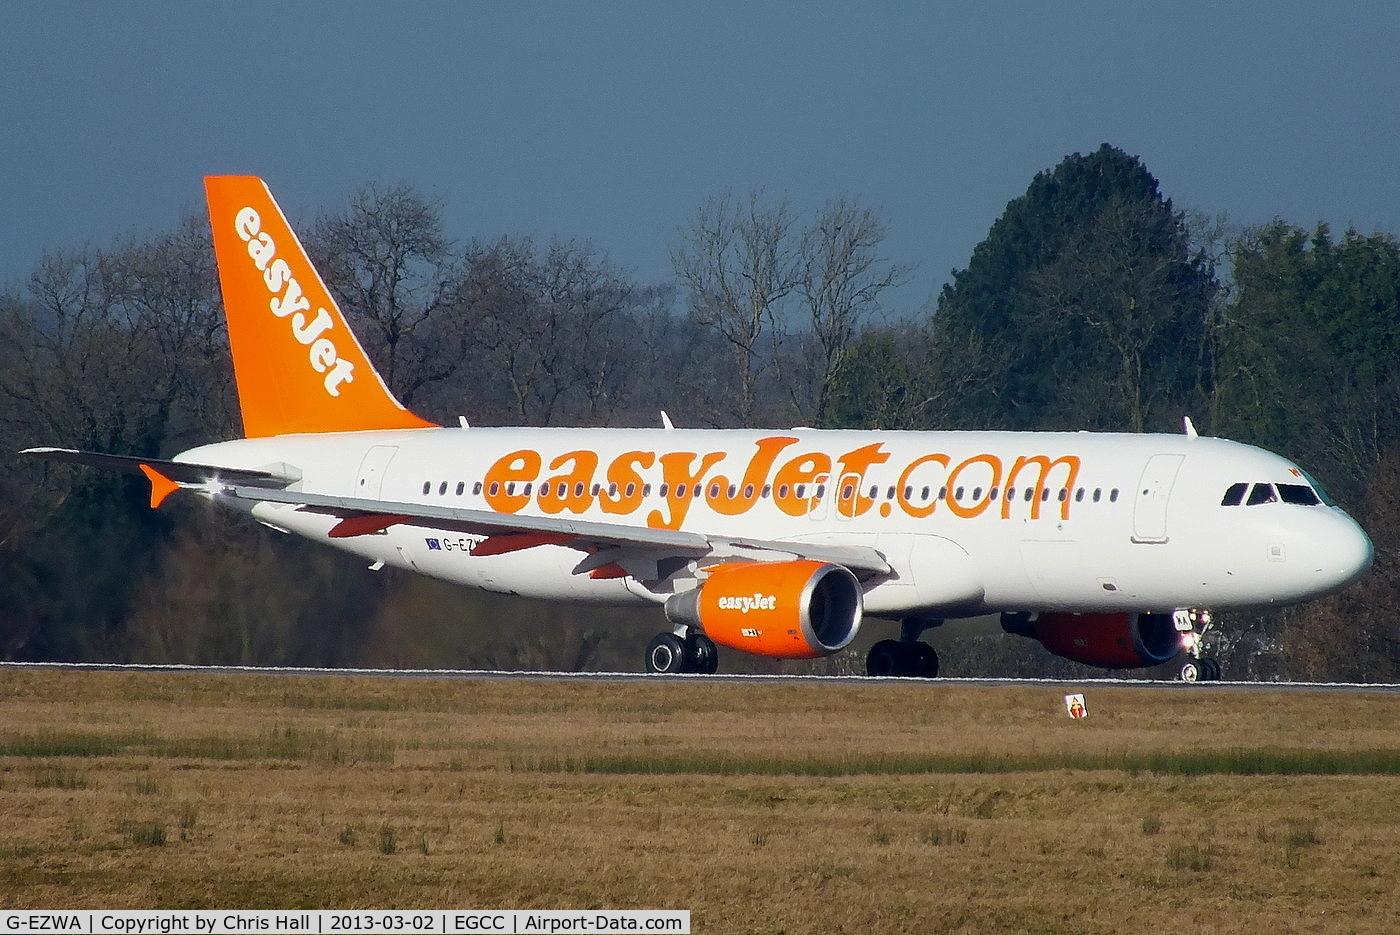 G-EZWA, 2012 Airbus A320-214 C/N 5201, easyJet